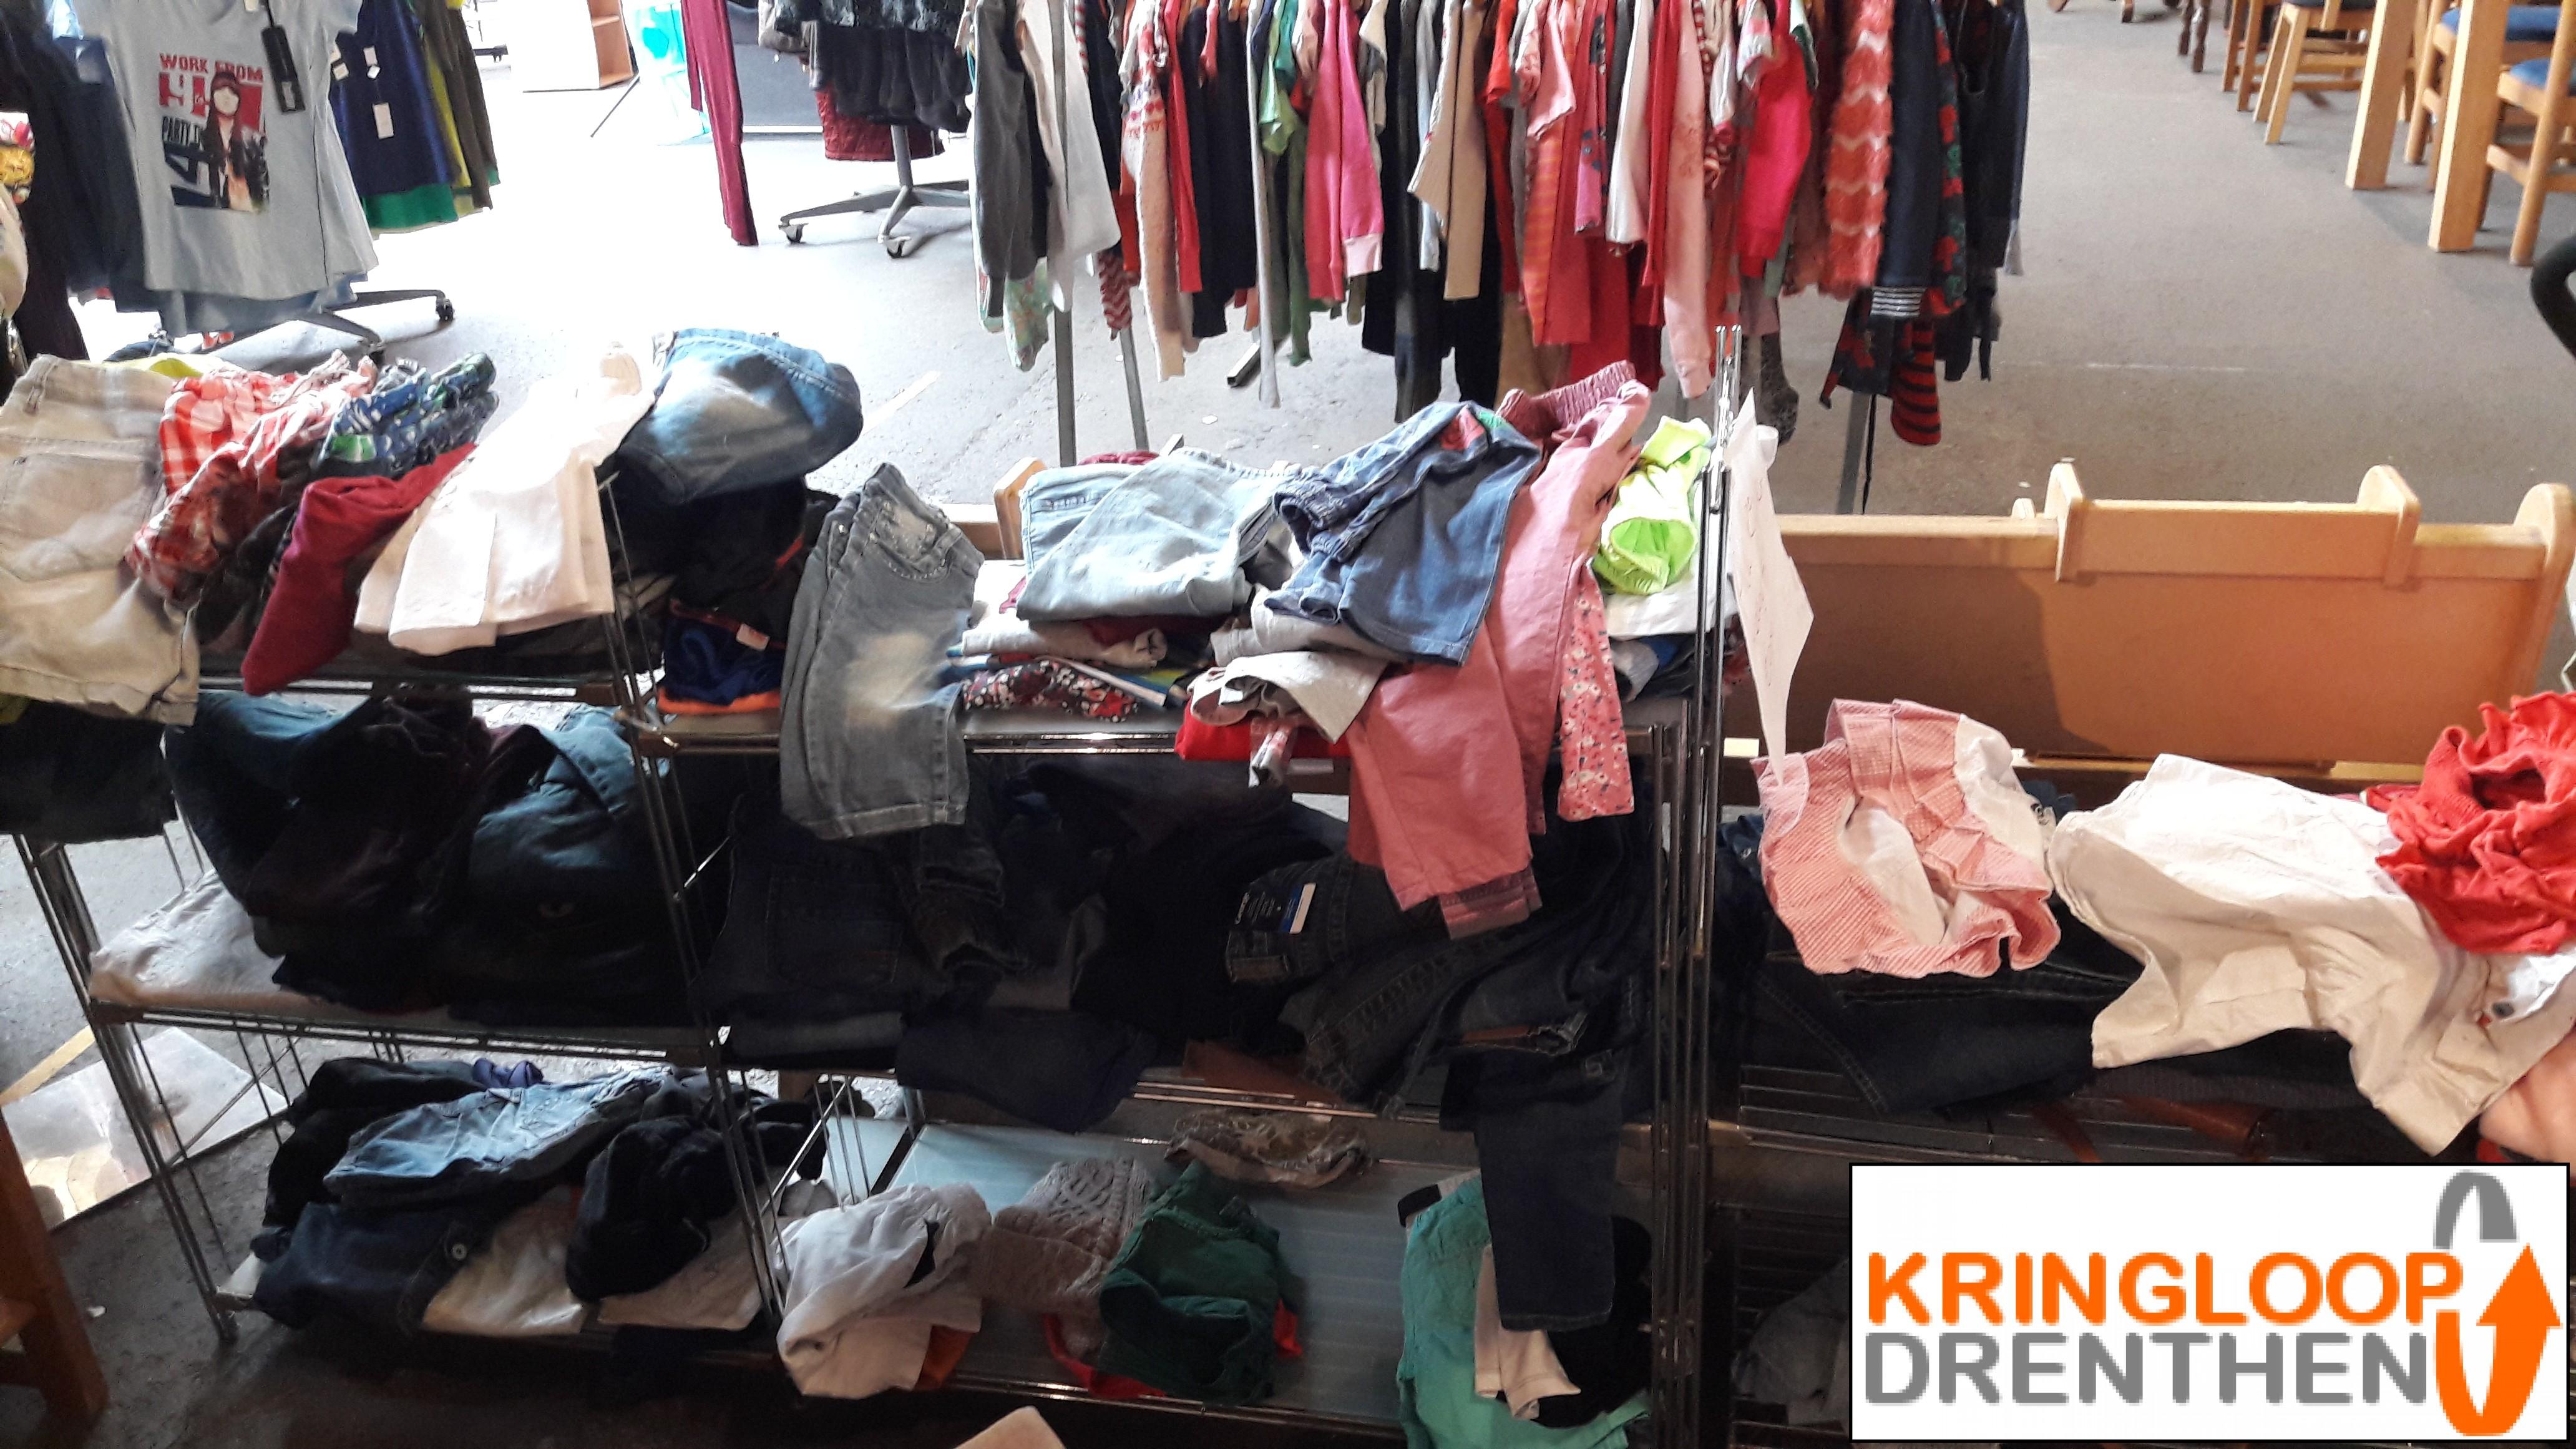 Te Koop Kinderkleding.Te Koop Kinderkleding Kringloop Drenthen